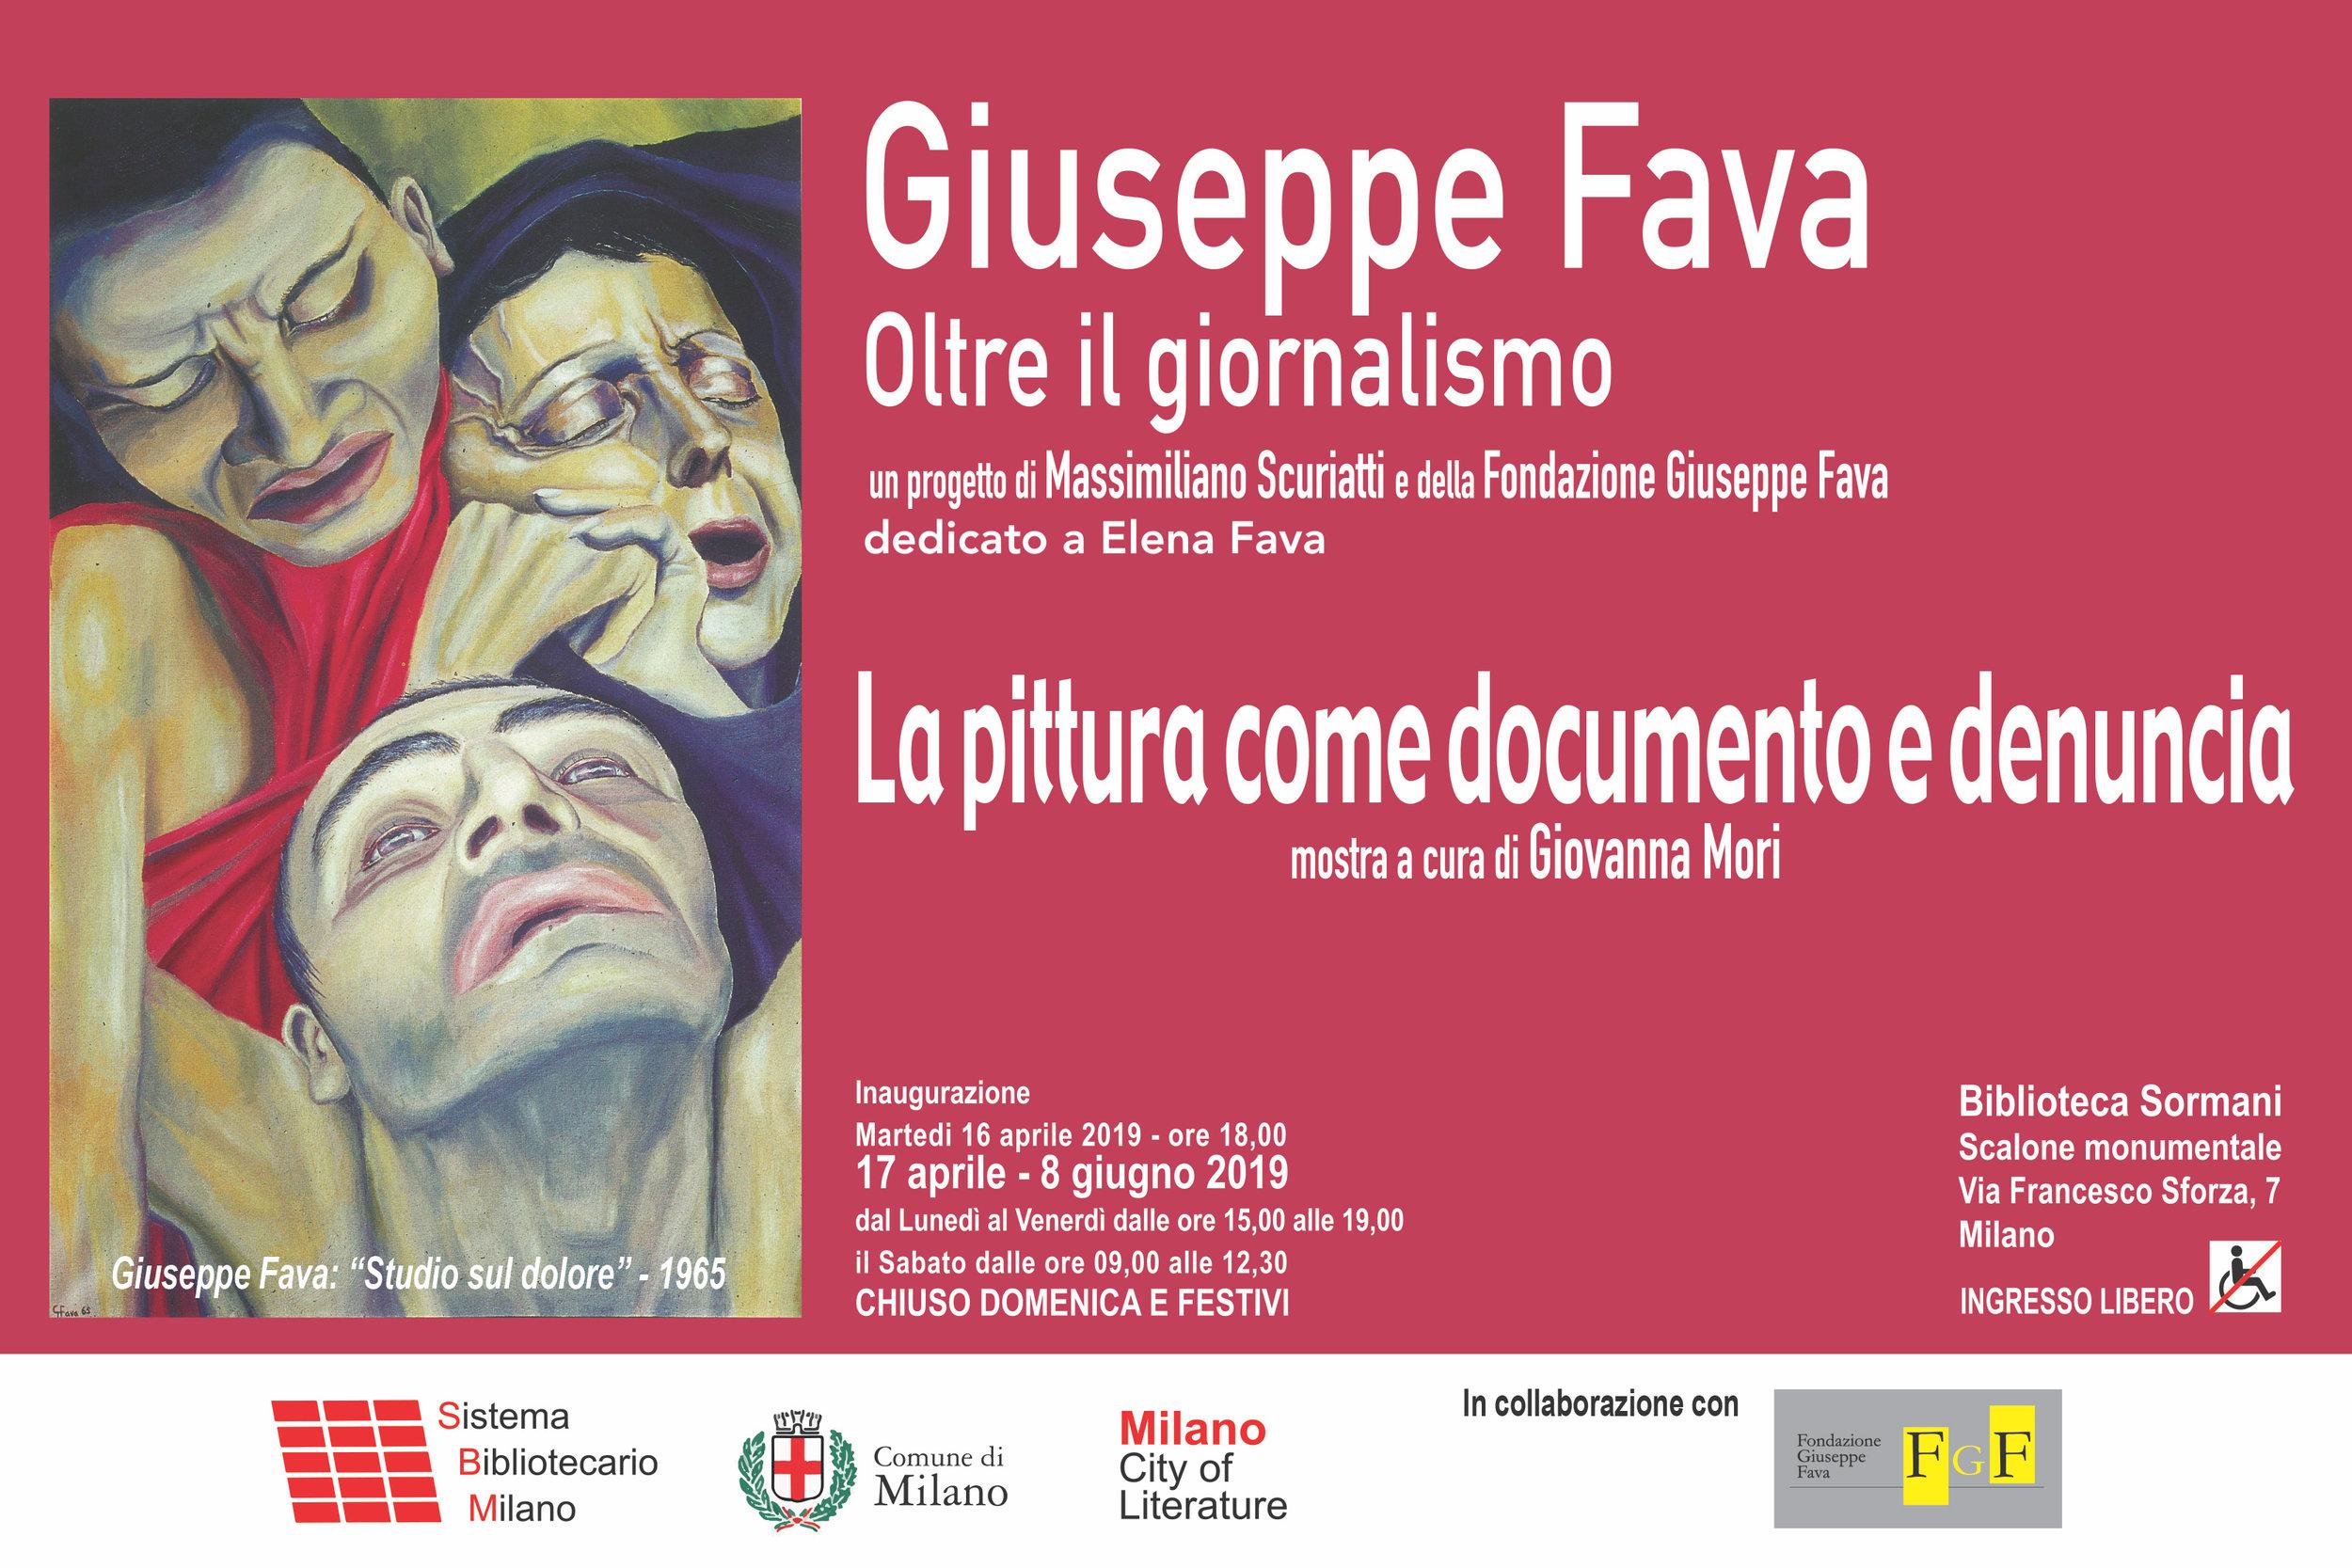 La Tavola Bifronte di Antonello da Messina arricchisce la mostra al Castello Ursino